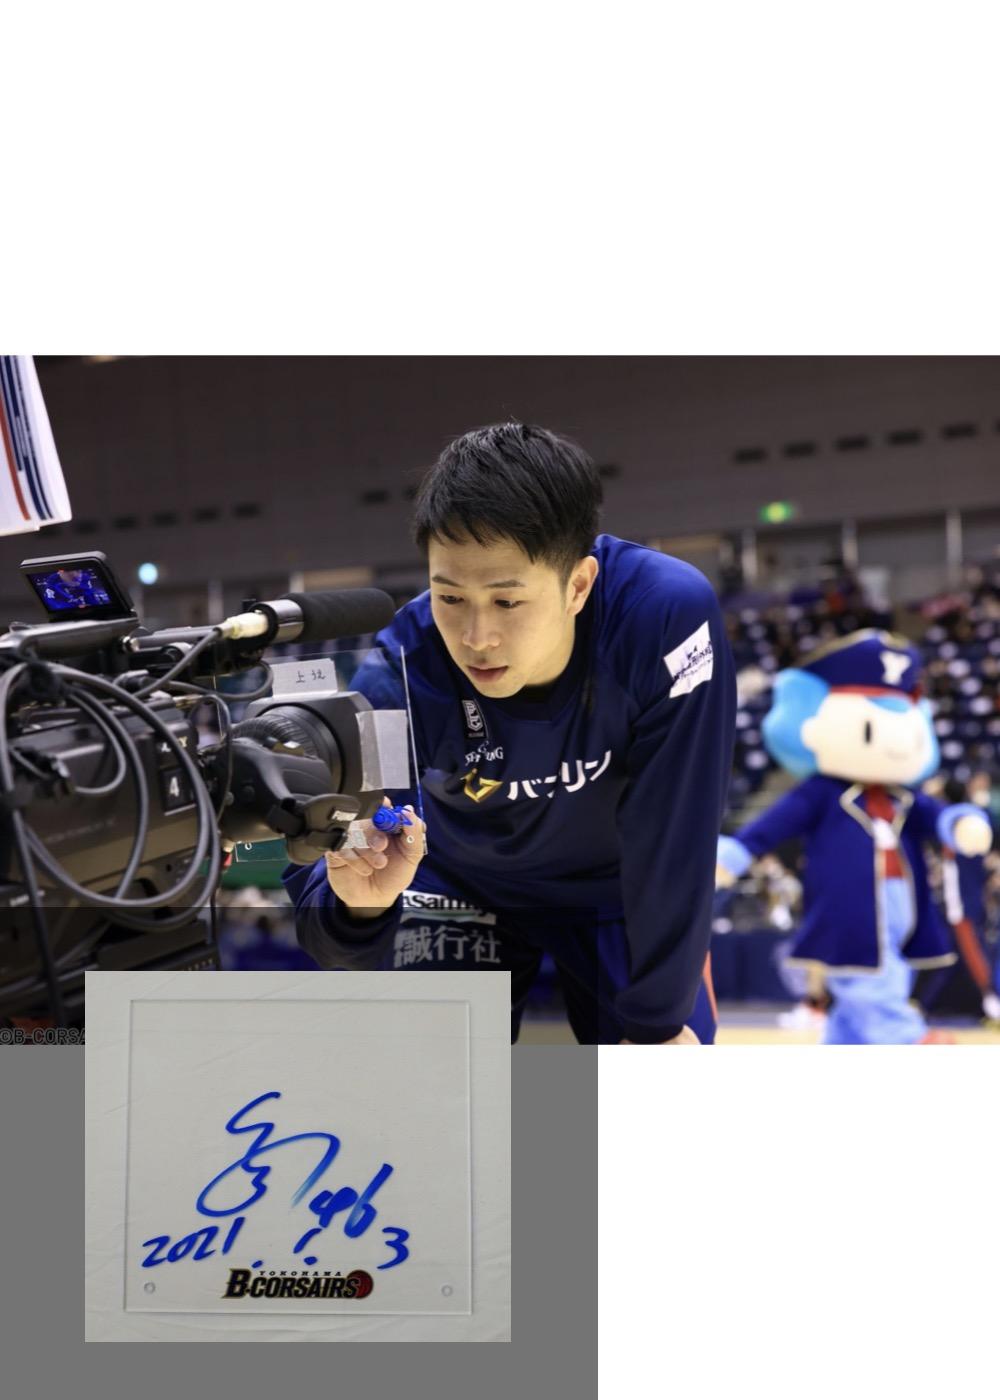 【公式】本人直筆サイン入り「1/3vs滋賀戦 ヒーローサインパネル」#46 生原 秀将